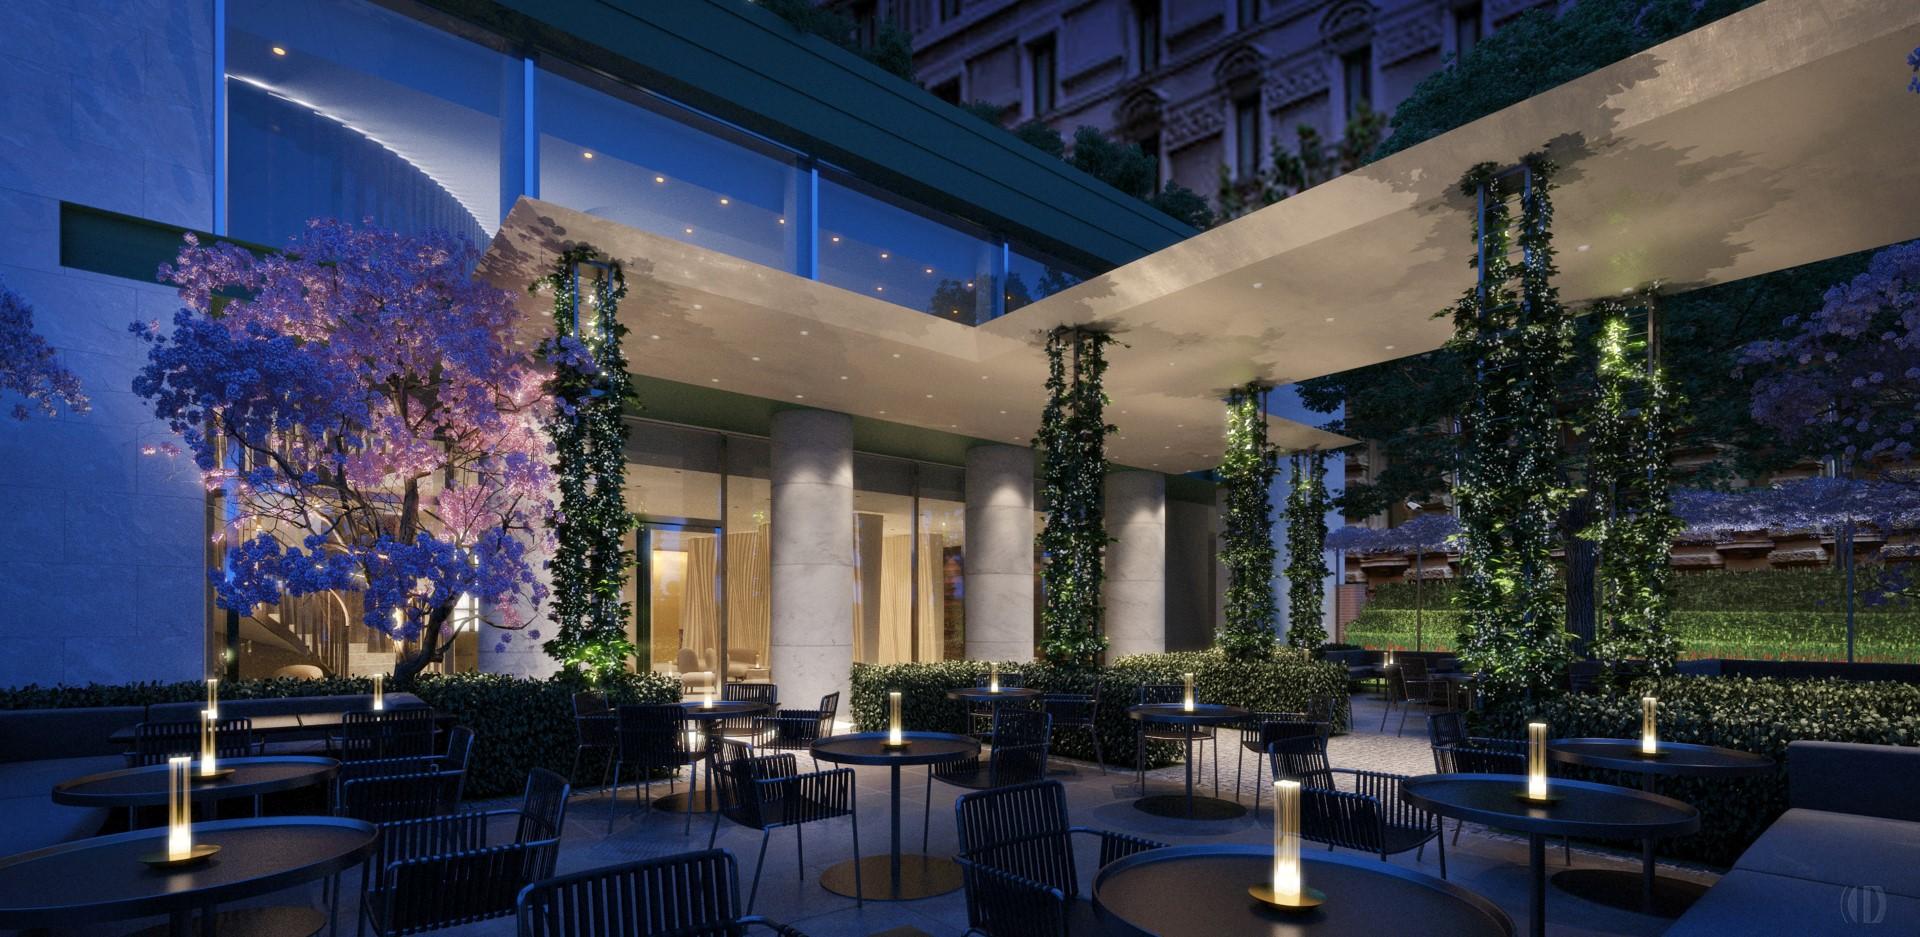 ME Milan Il Duca: Novo hotel de luxo em Milão